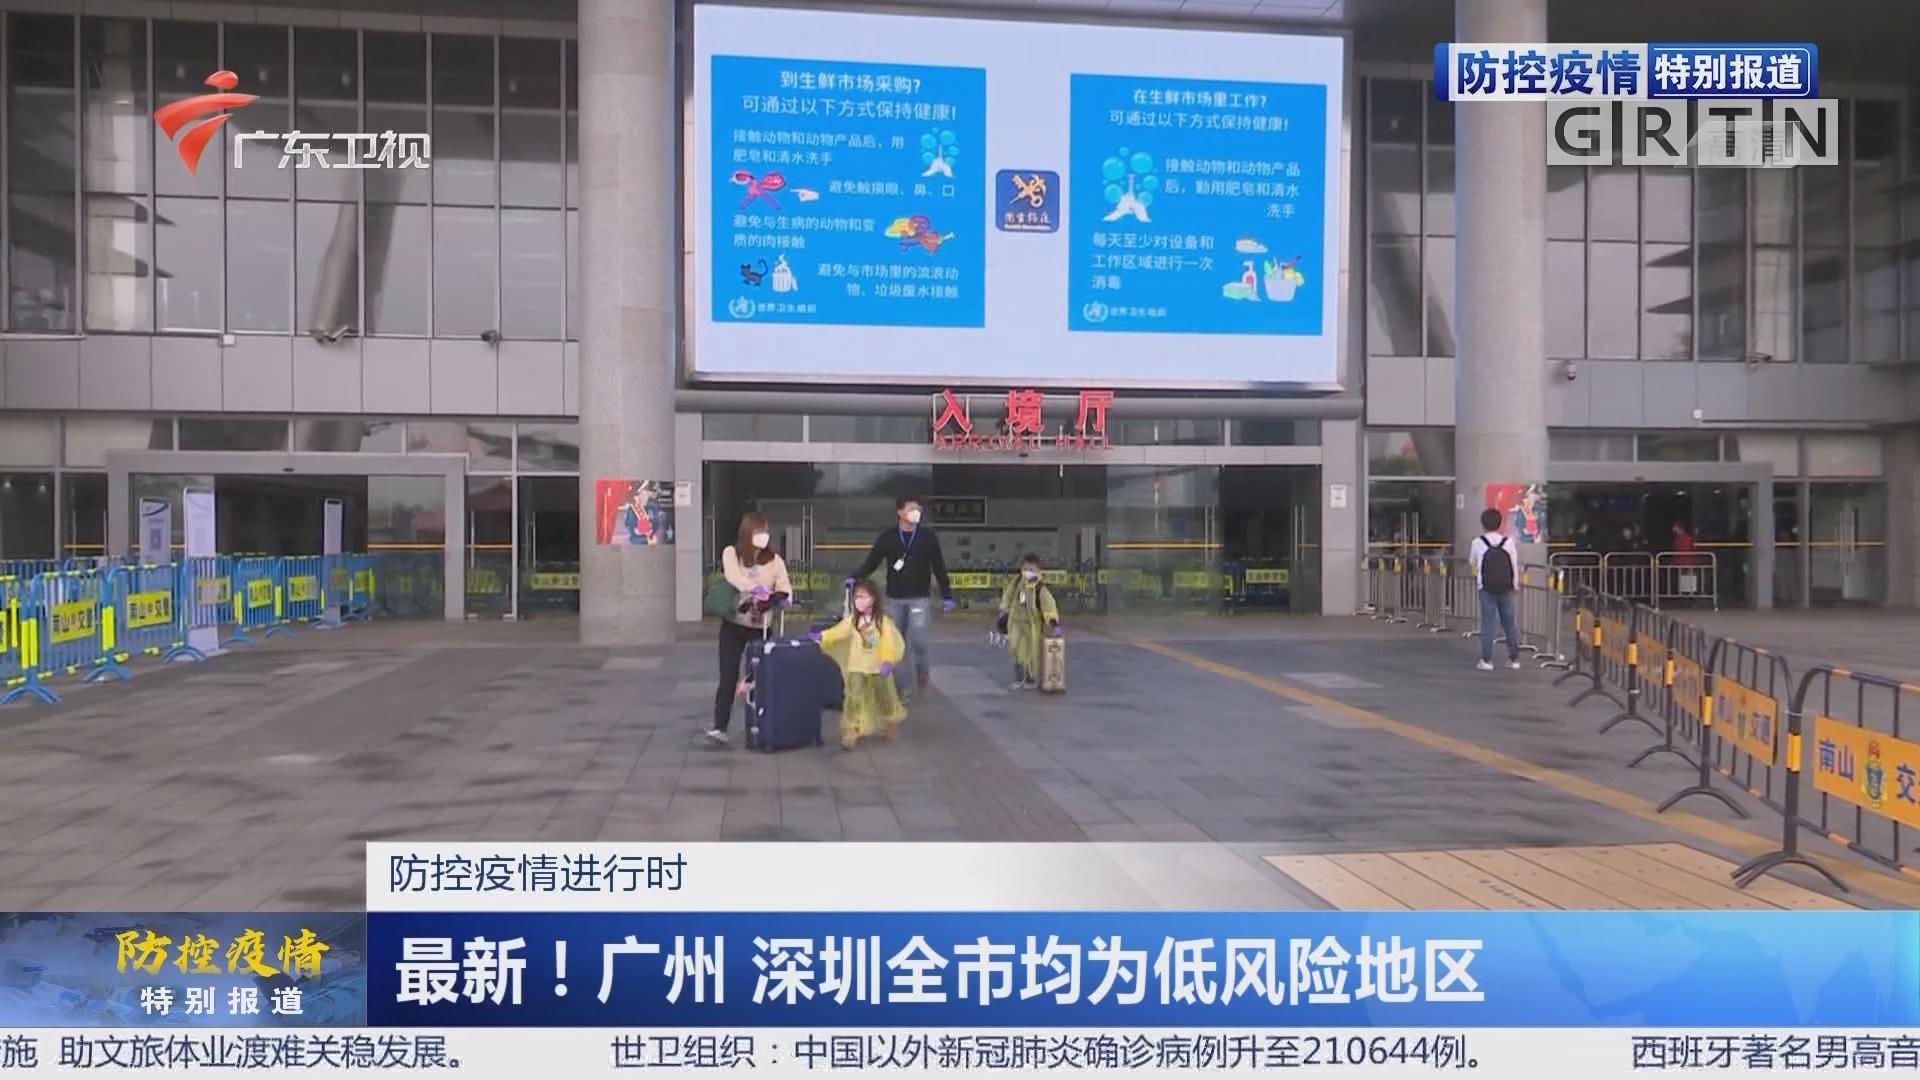 防控疫情进行时:最新!广州 深圳全市均为低风险地区